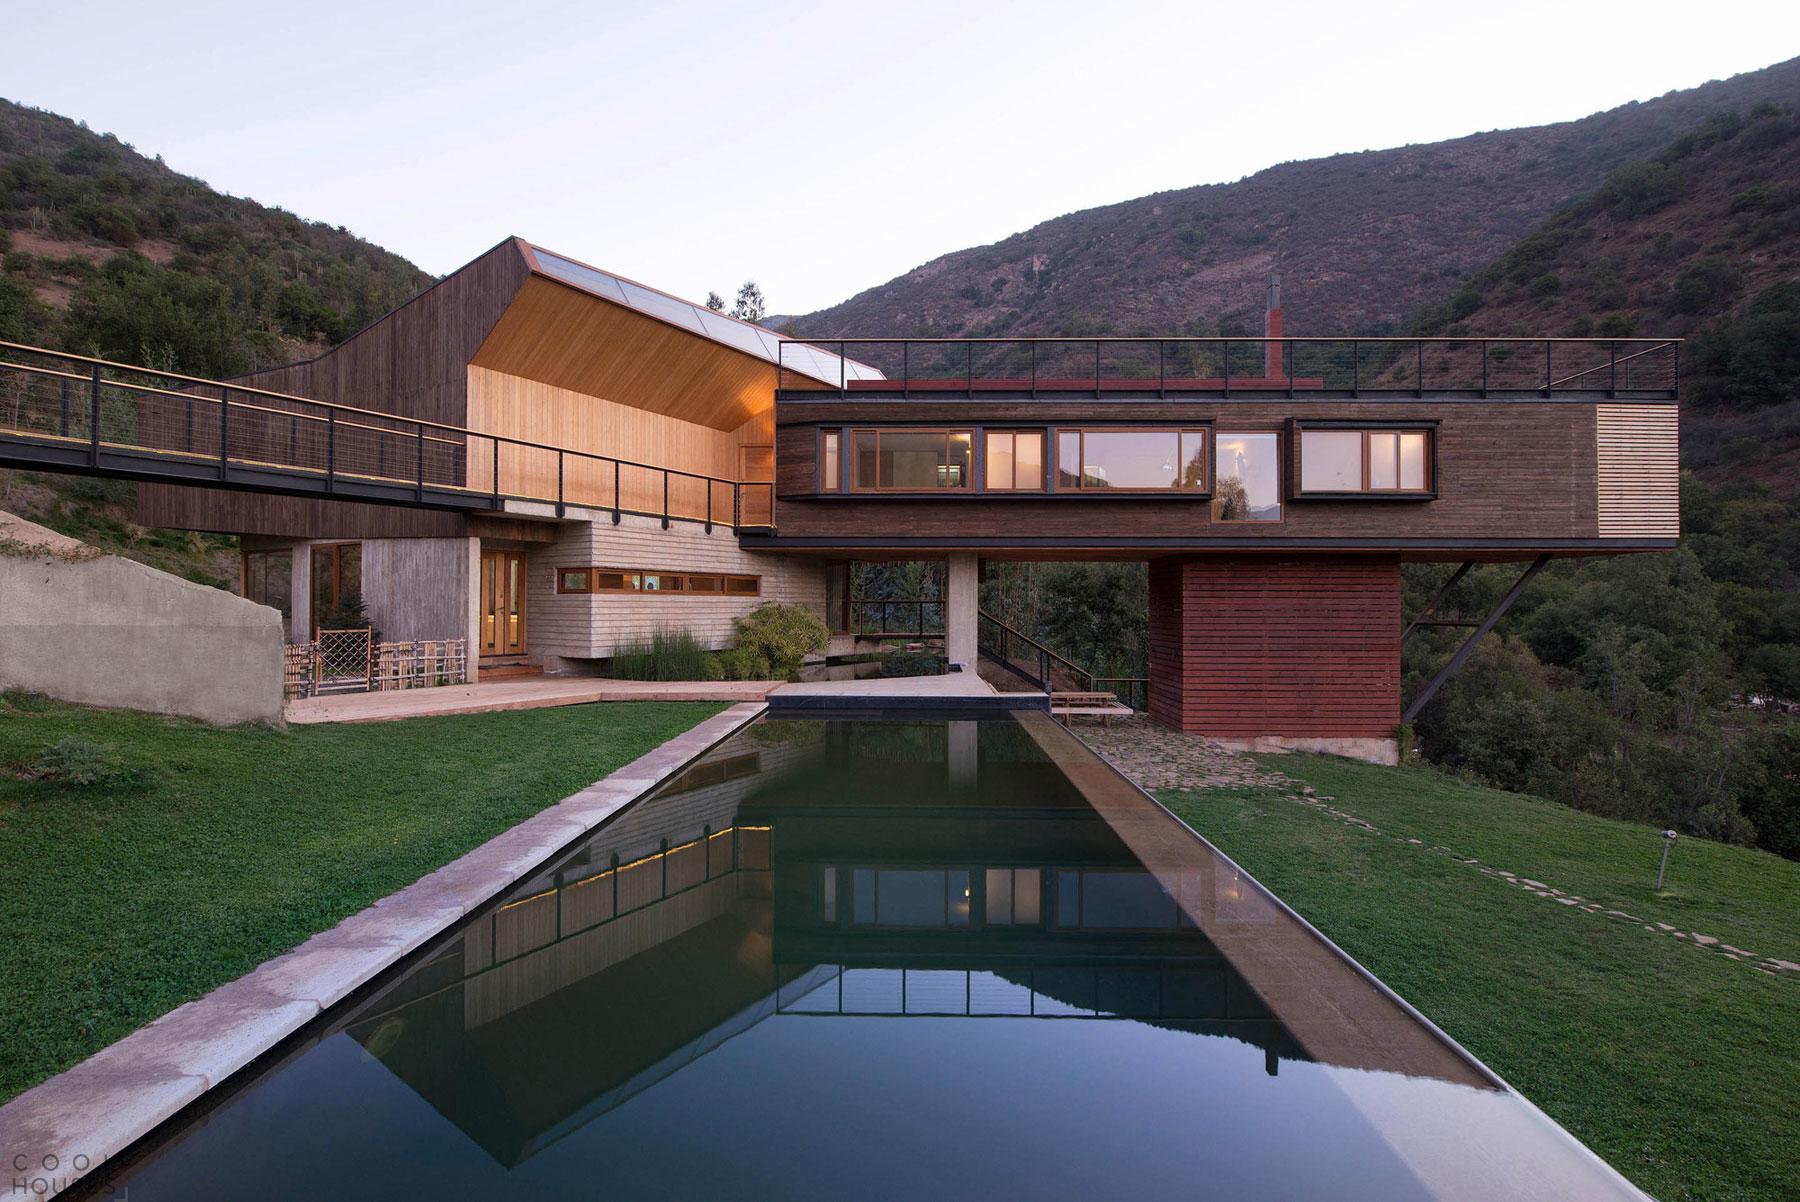 Частный загородный дом у подножия горы в Чили